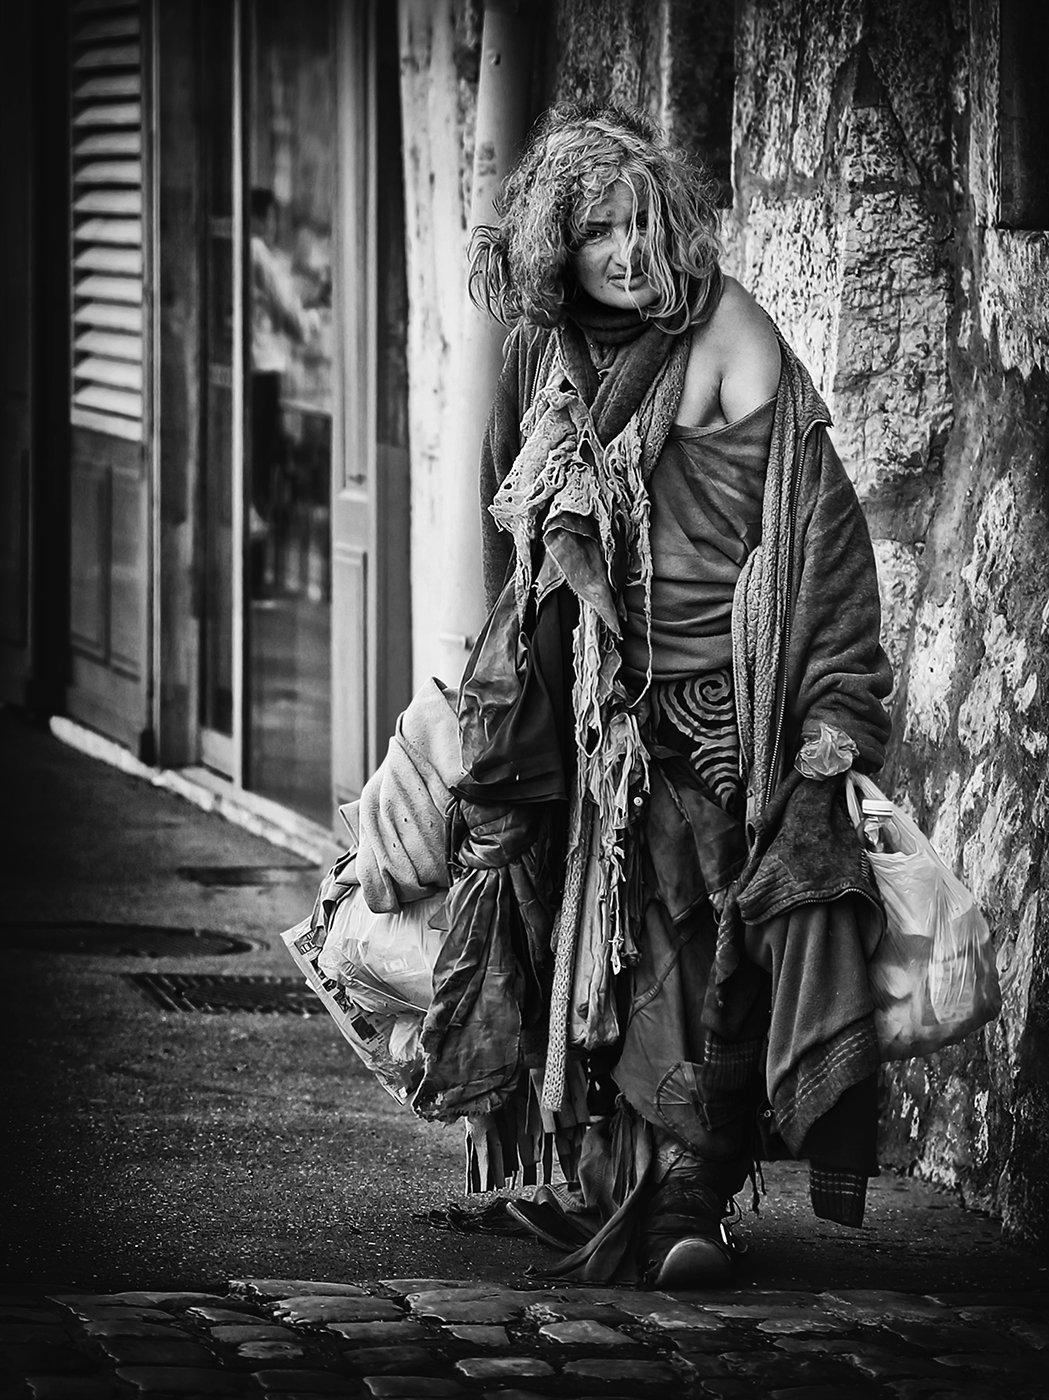 бомж, улица, лохмотья, женщина, оборванка, бедность, брошенность, укор, Alla Sokolova